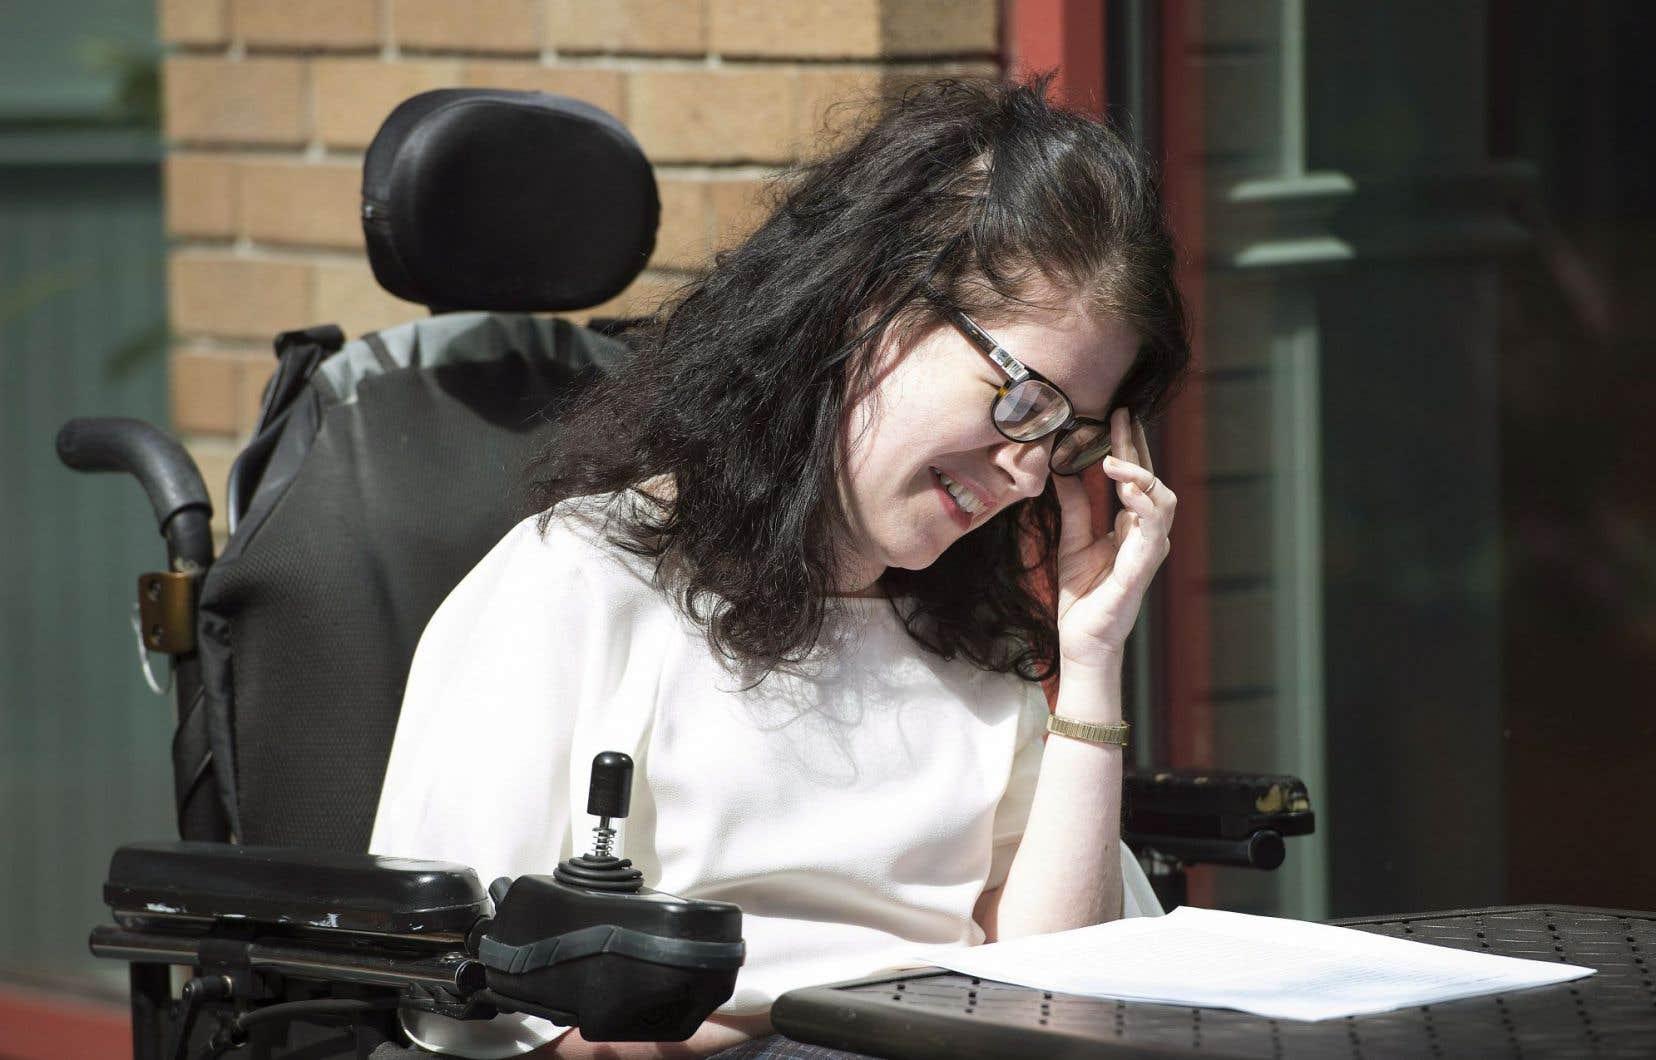 «J'aimerais, si messouffrances deviennent intolérables, être en mesure de prendre une décision définitive sur la quantité de souffrances à endurer», explique Julia Lamb, Britanno-Colombienne de 25ans atteinte d'amyotrophie spinale, une maladie neurodégénérative progressive.